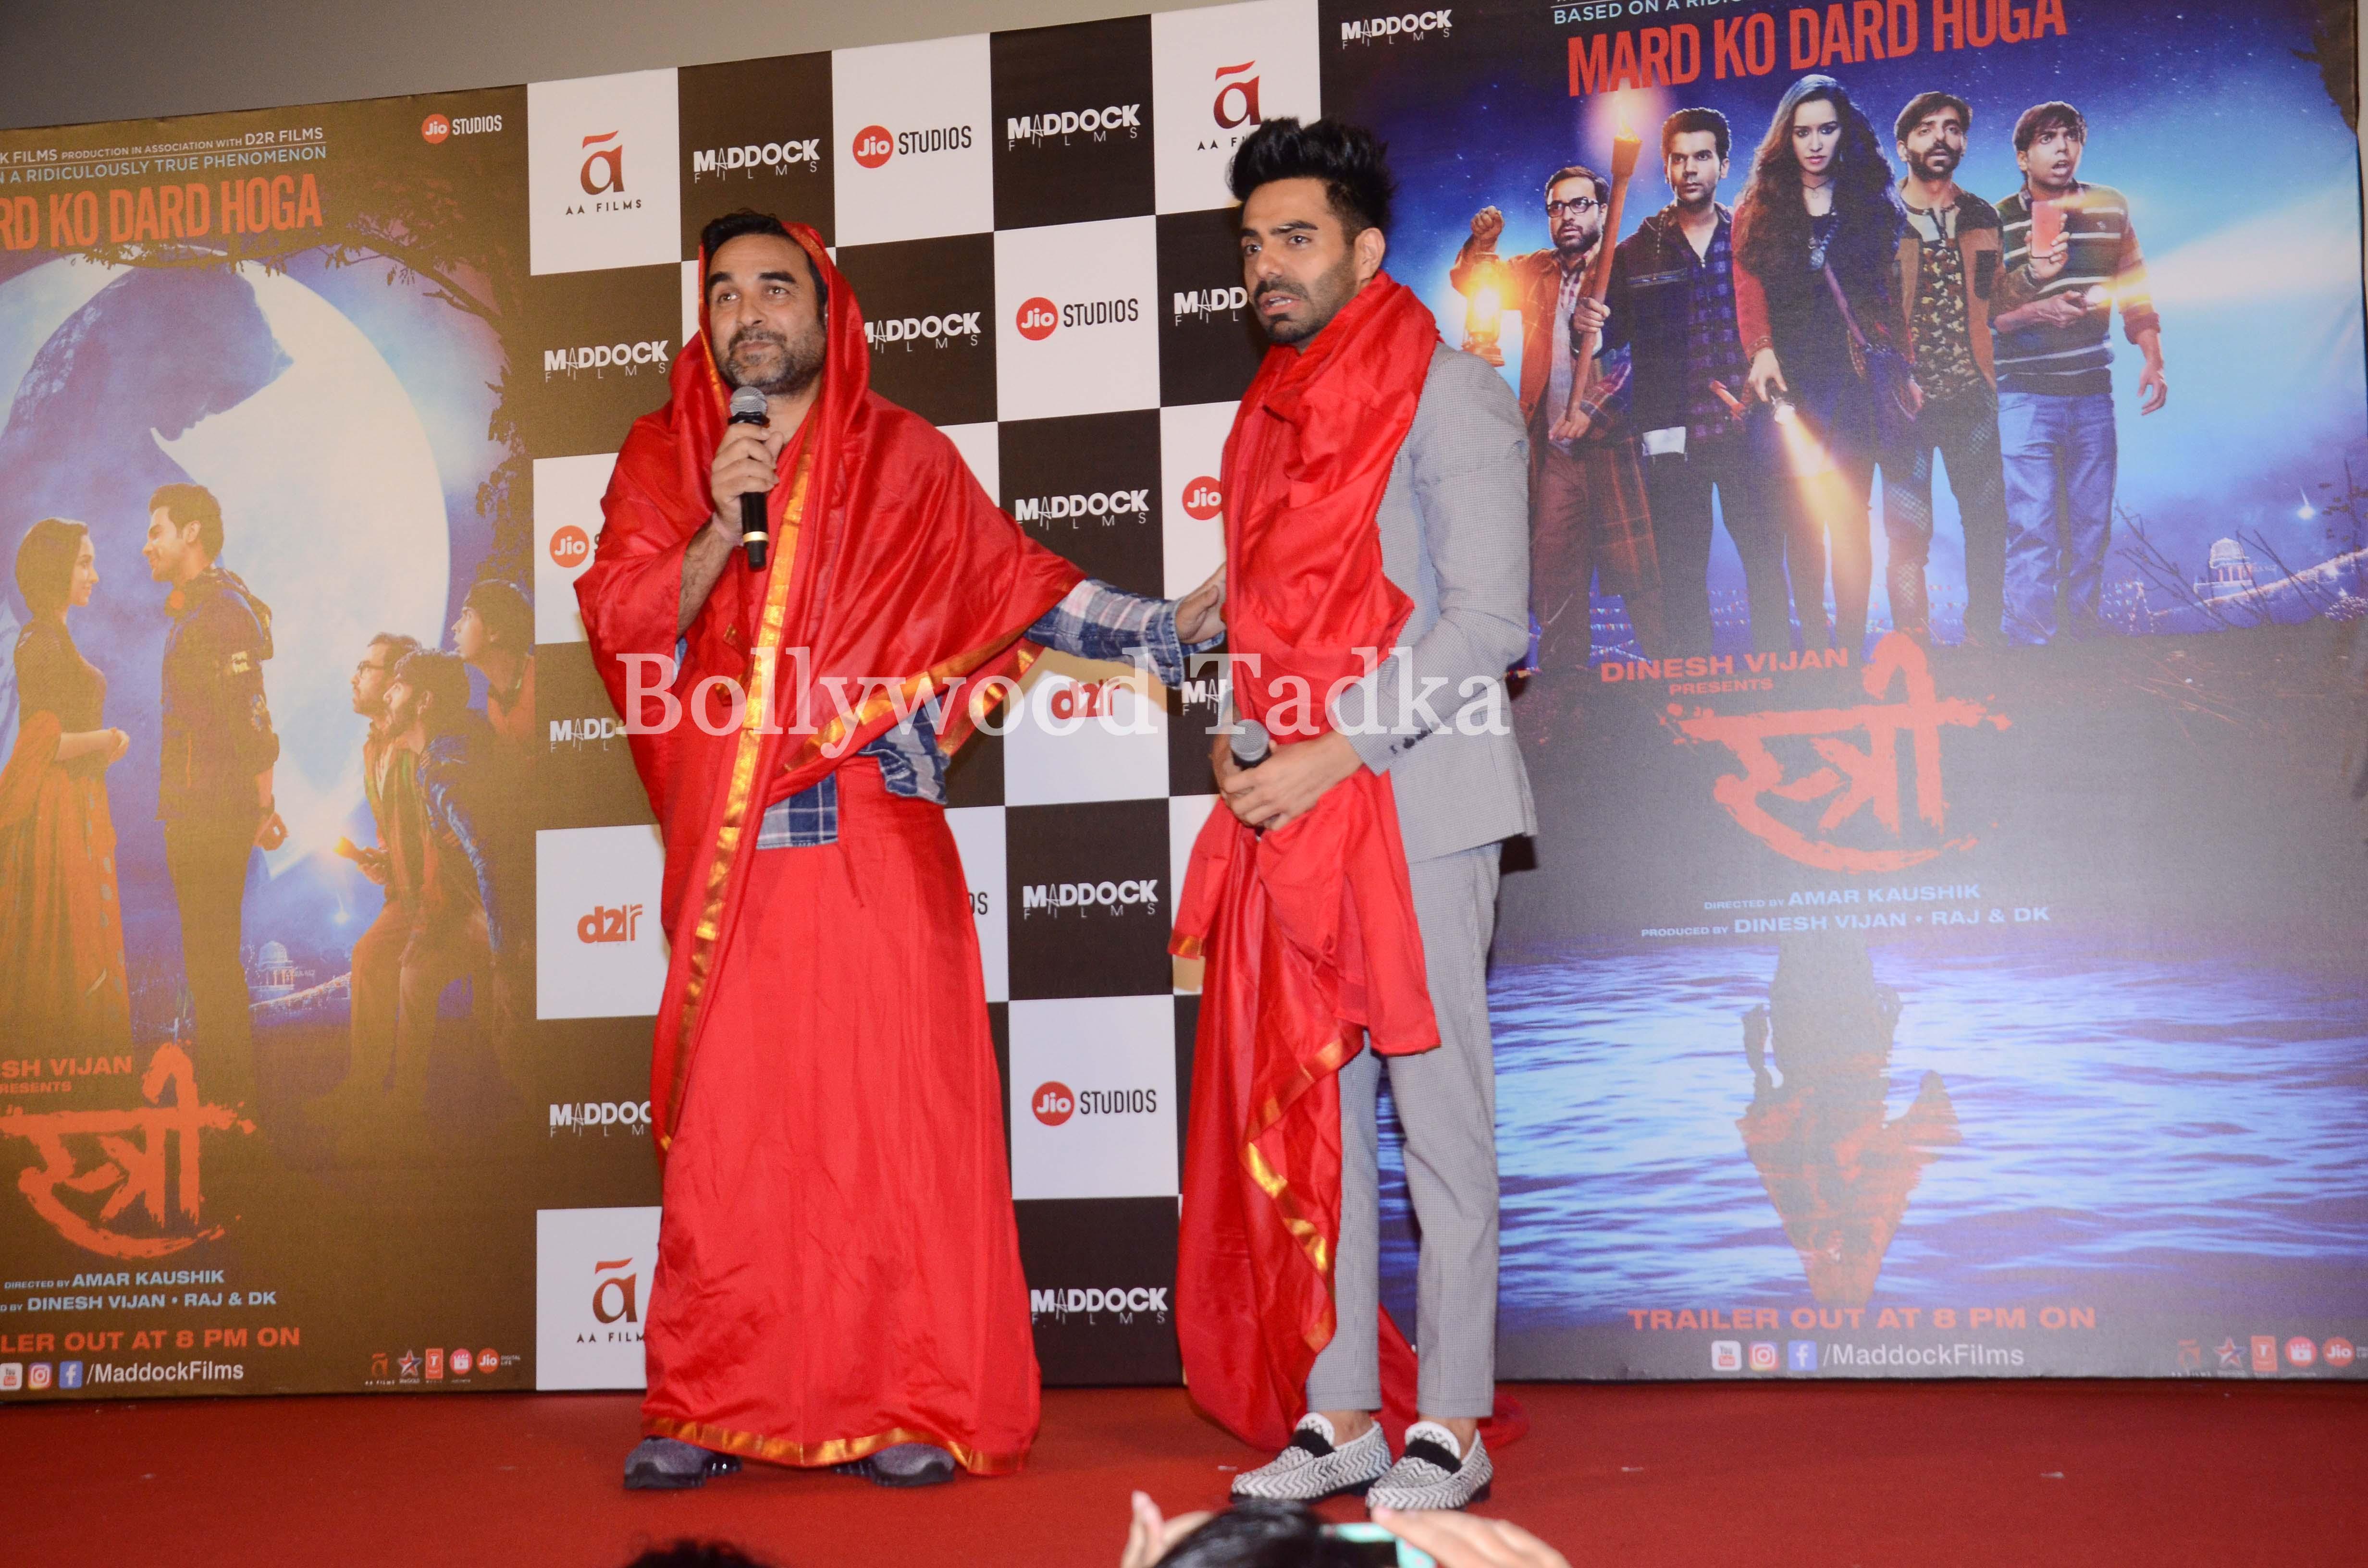 Bollywood Tadka,Pankaj Tripathi image, Aparshakti Khurana image